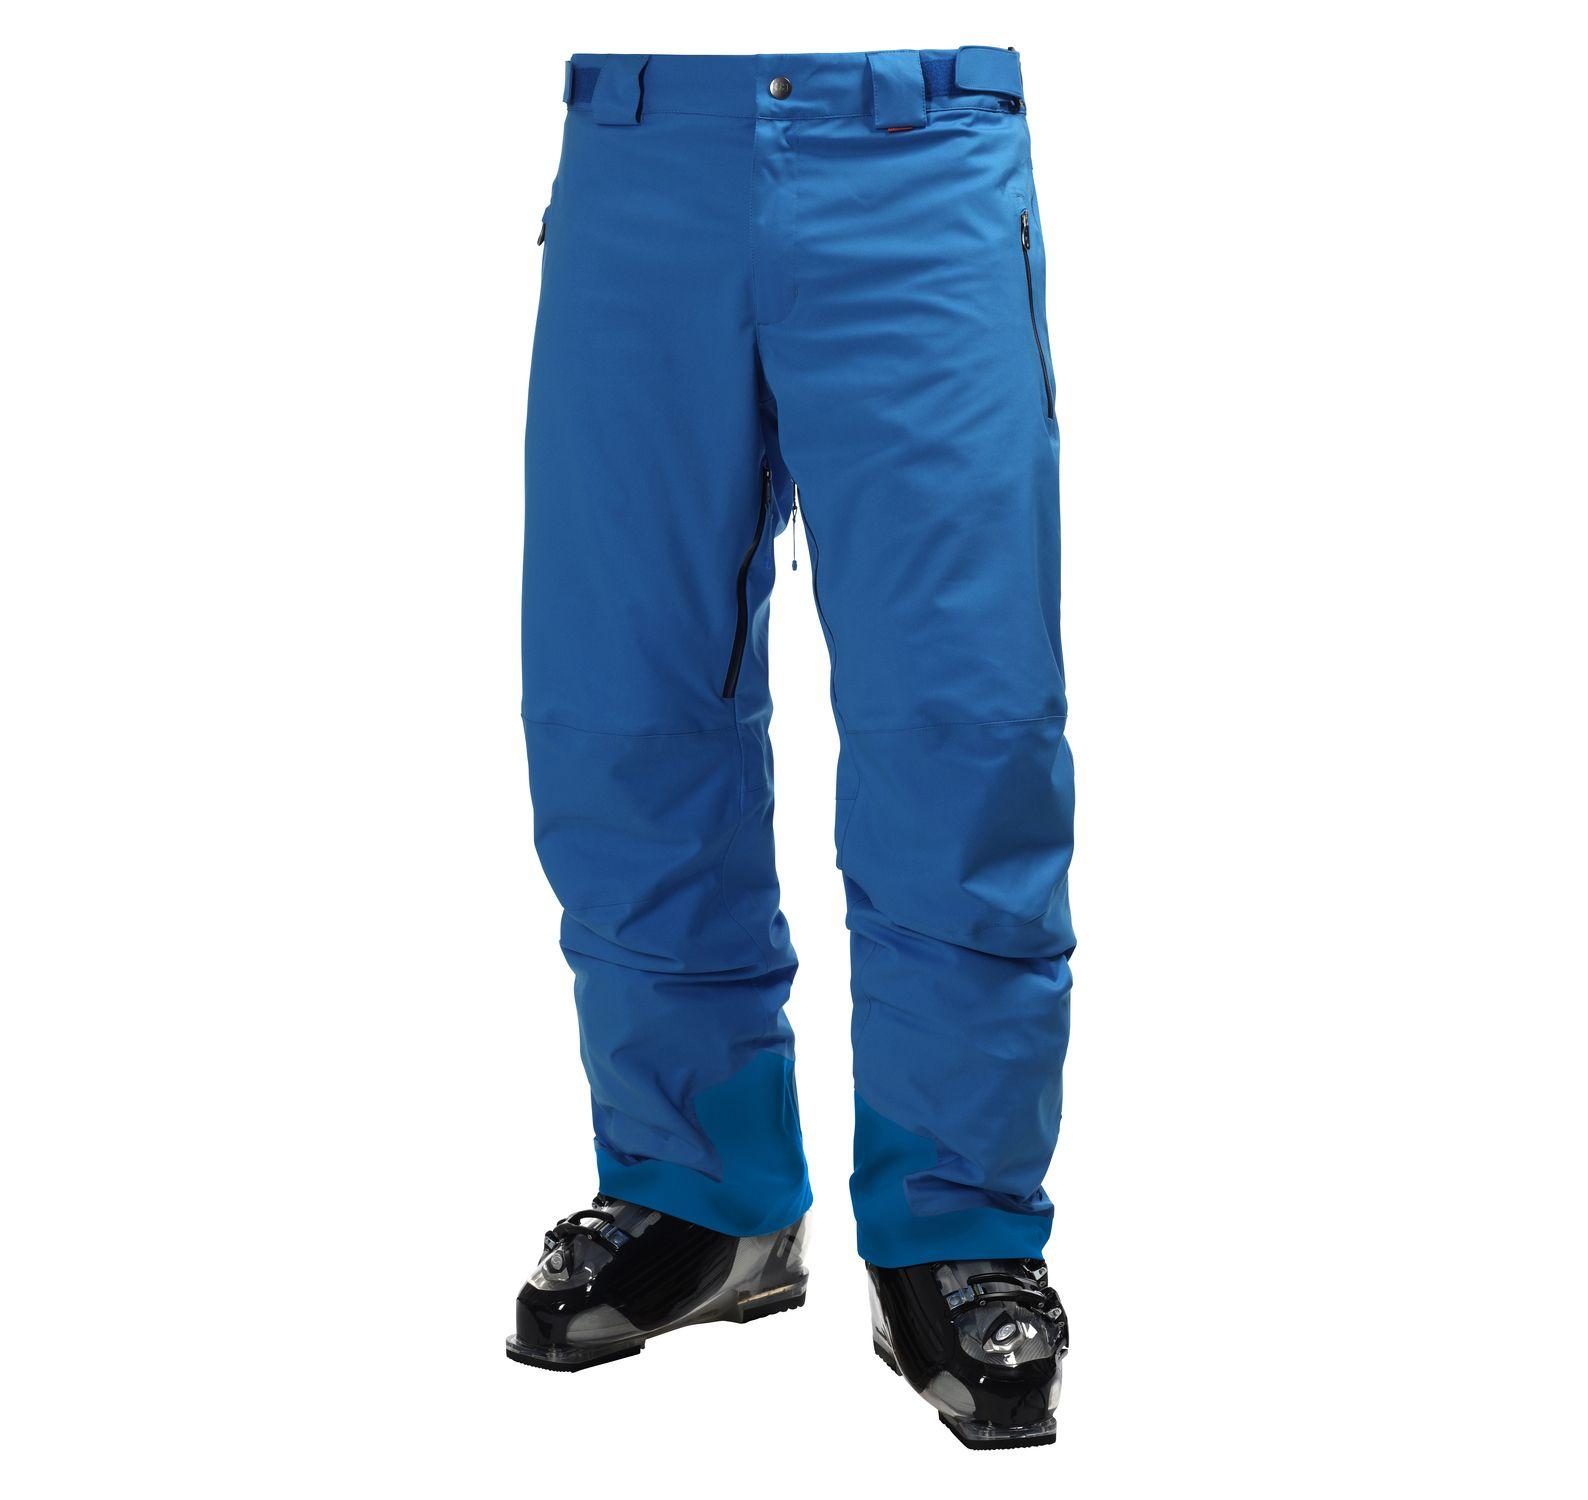 Legacy Pant, Racer Blue, Xxl,  Helly Hansen